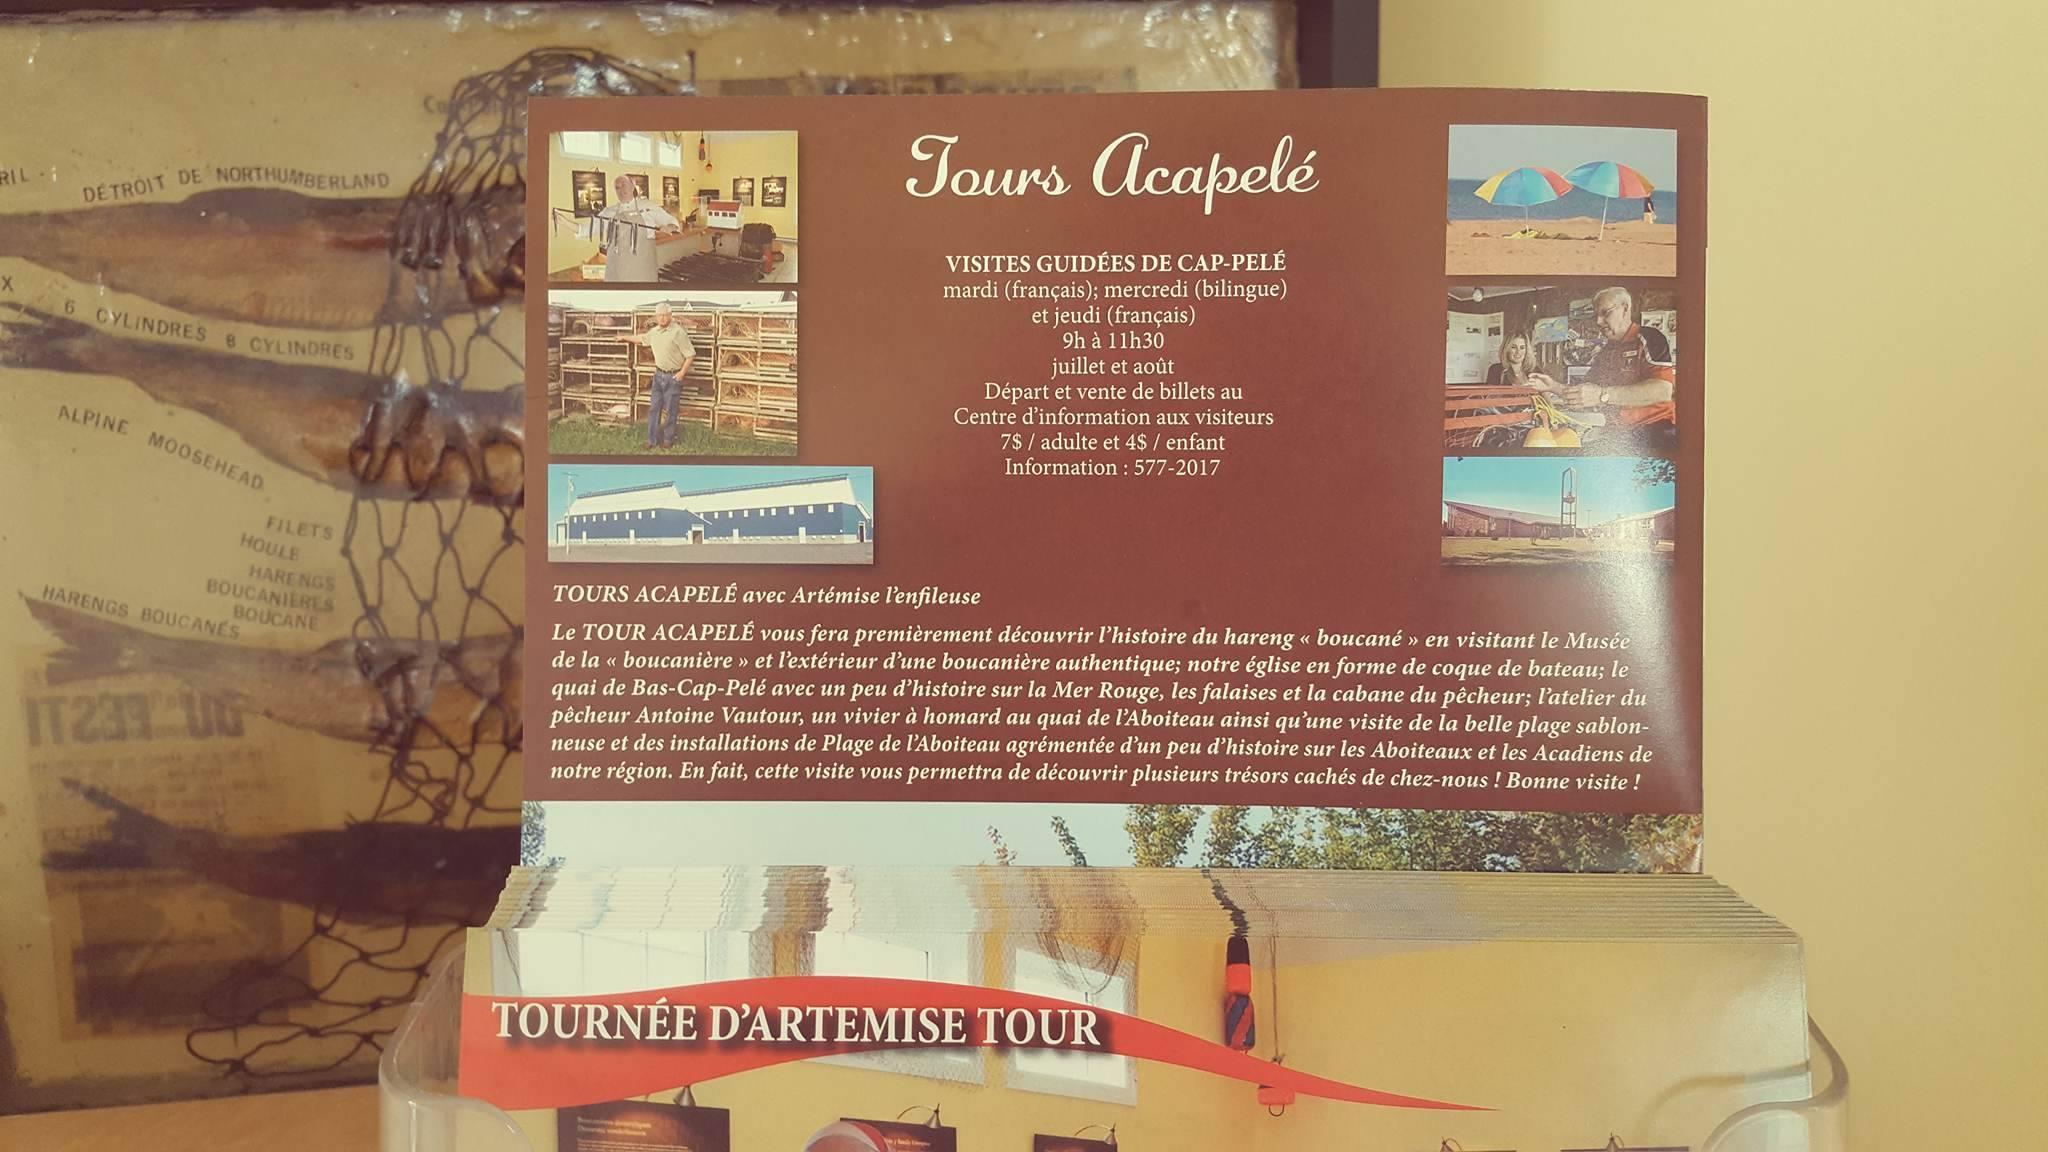 Tours Acapelé